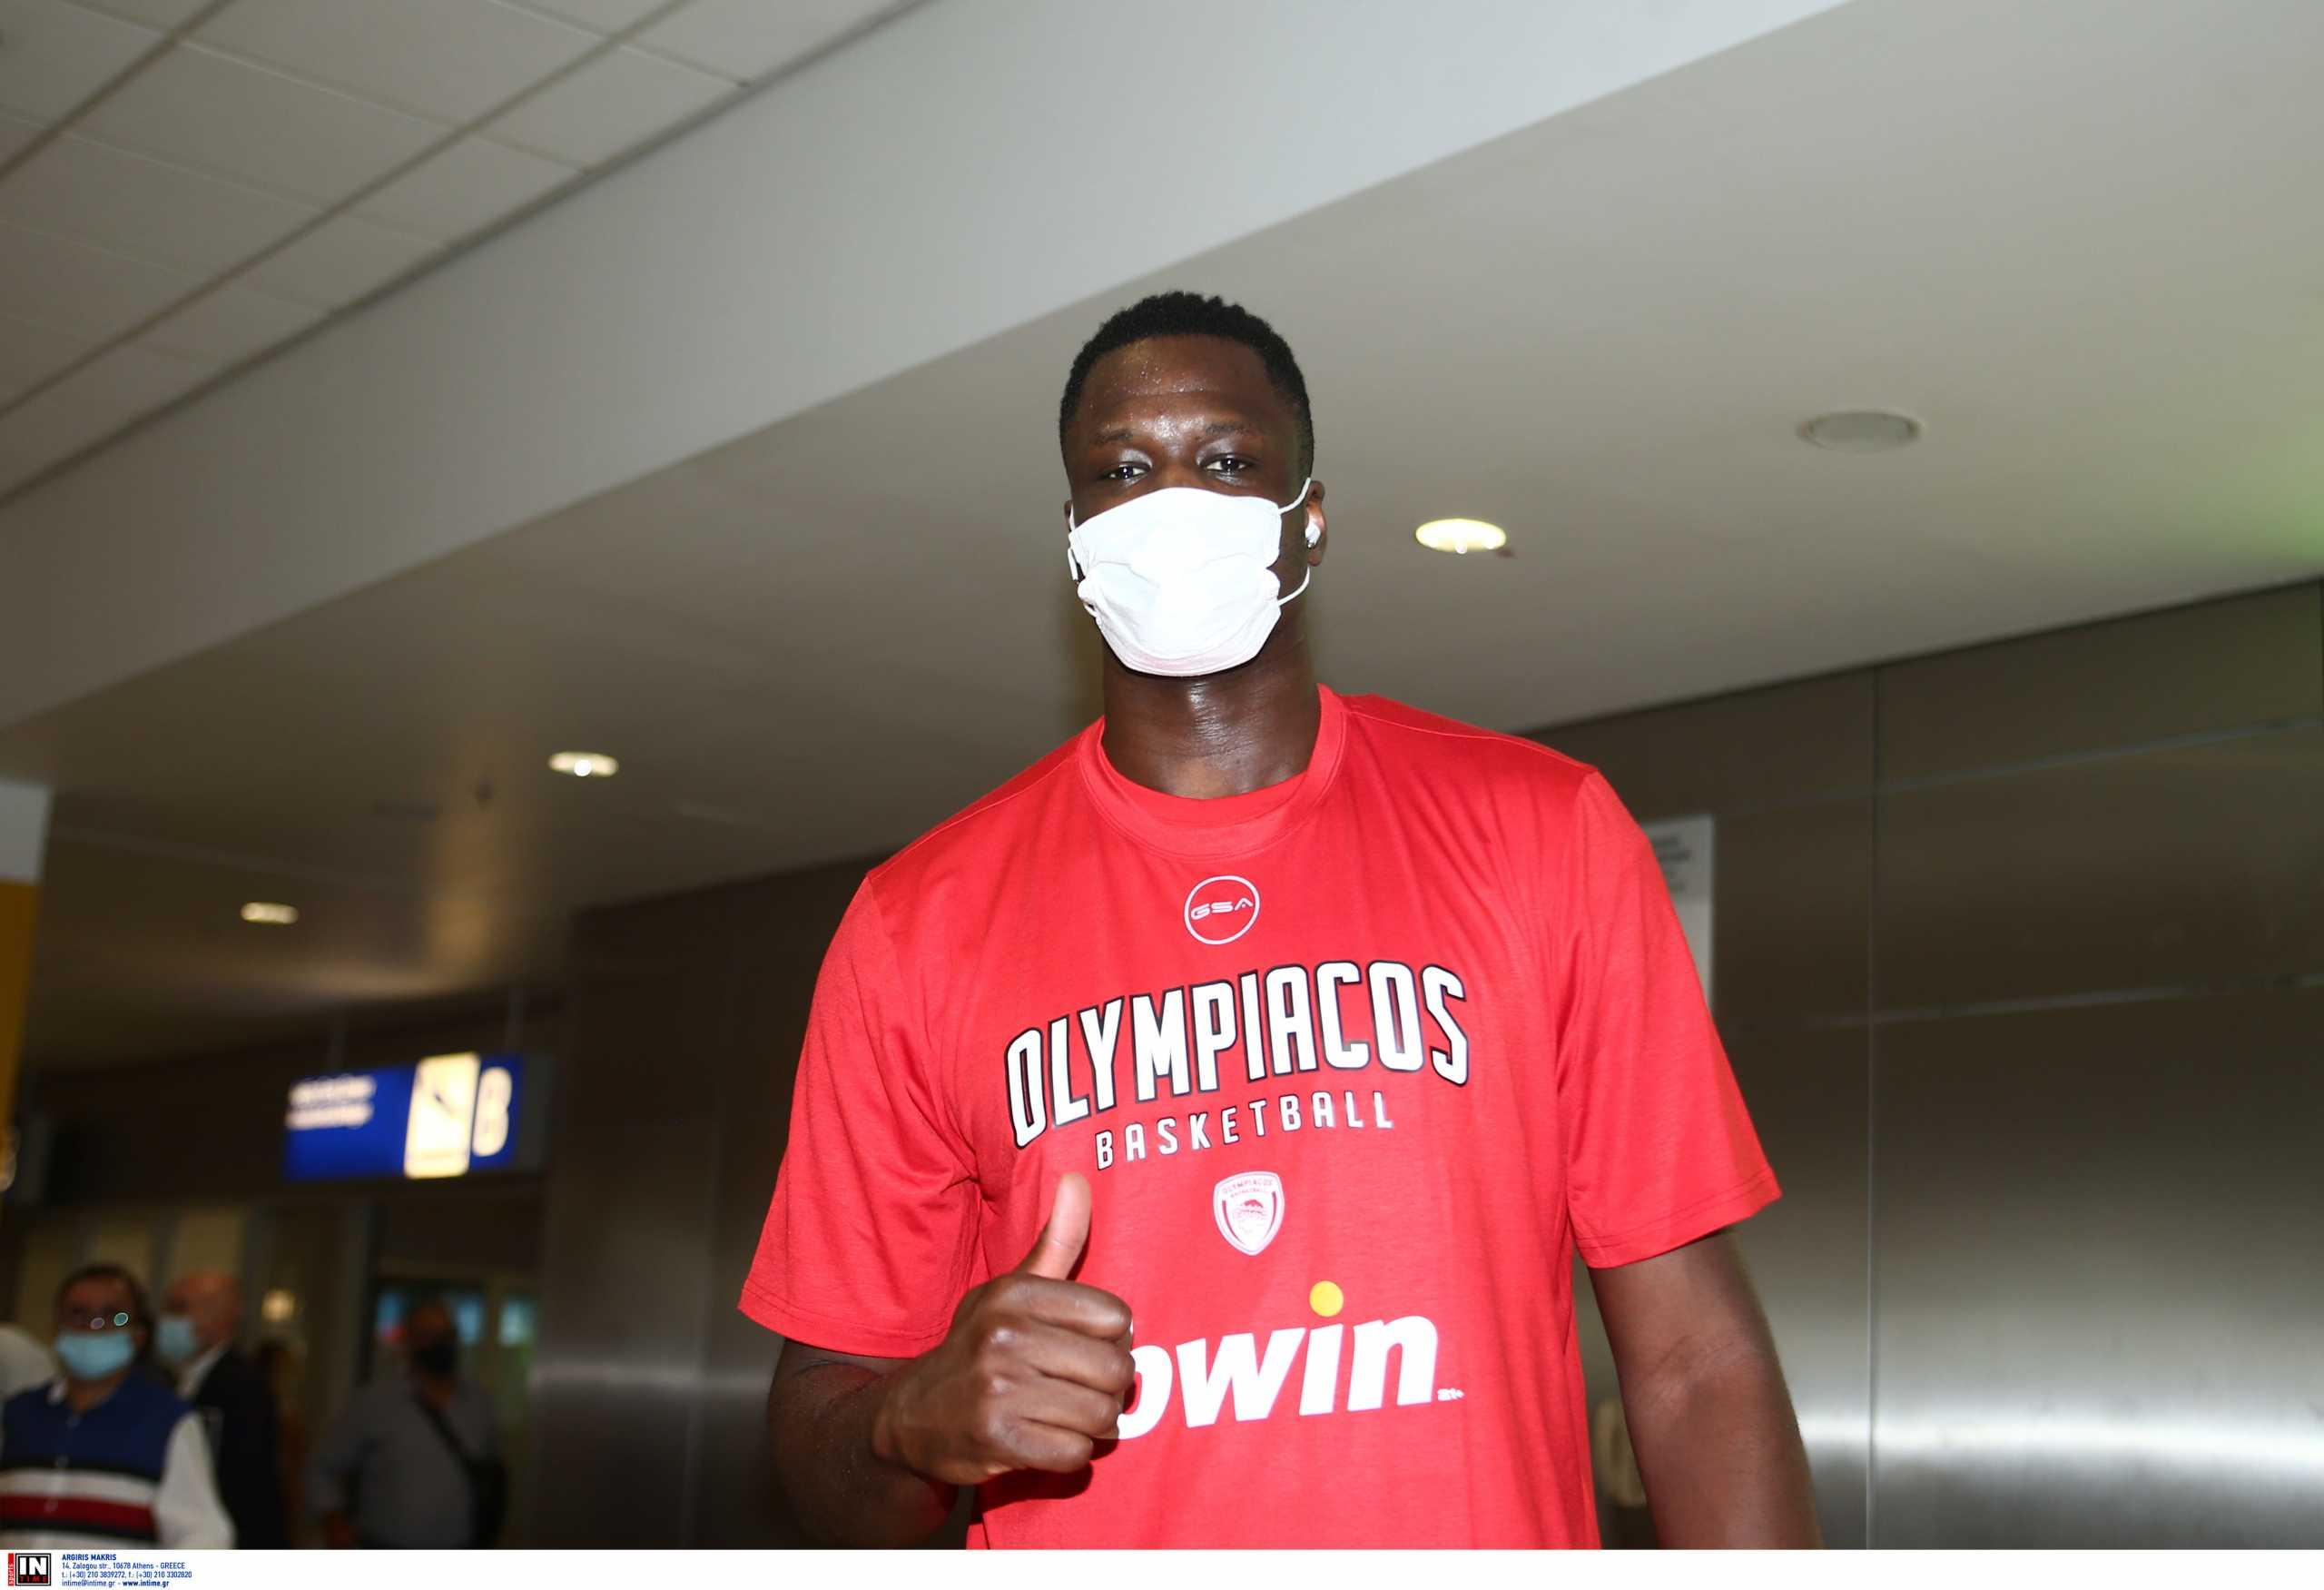 Μουσταφά Φαλ: «Ελάτε στο γήπεδο, φέτος η σεζόν θα είναι πολύ καλή για τον Ολυμπιακό»